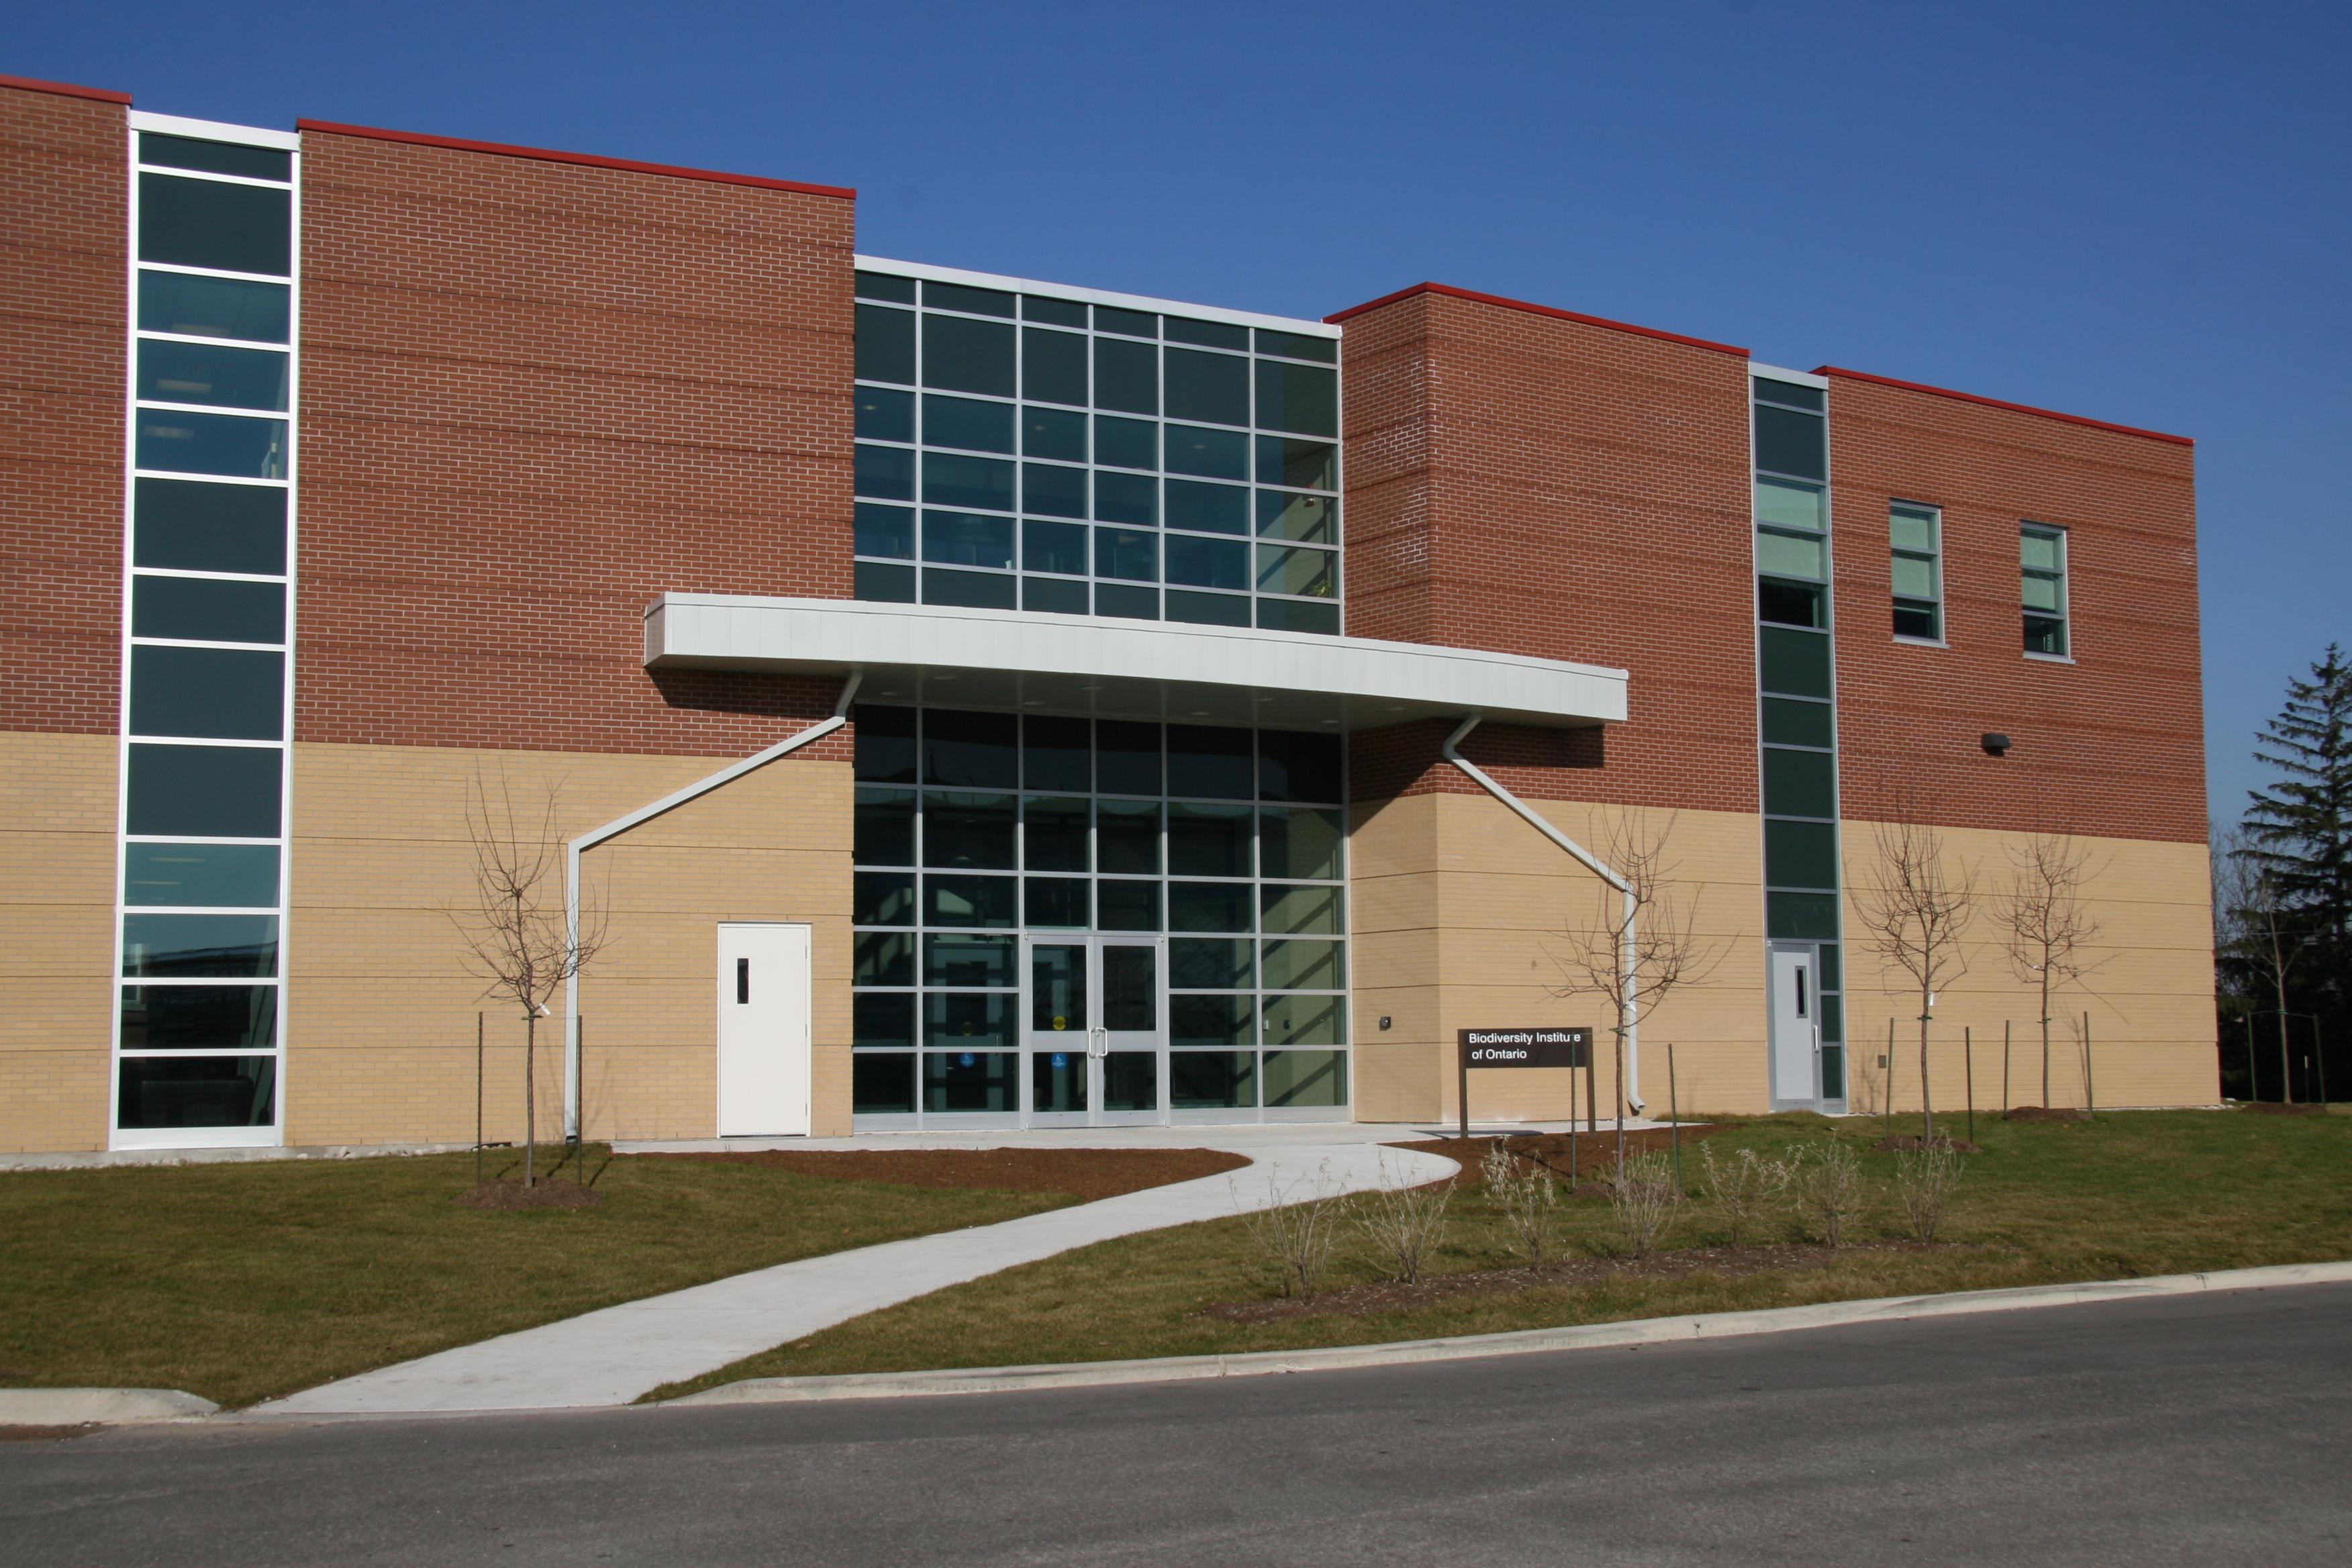 Biodiversity Institute of Ontario (BIO) building, home of CCDB